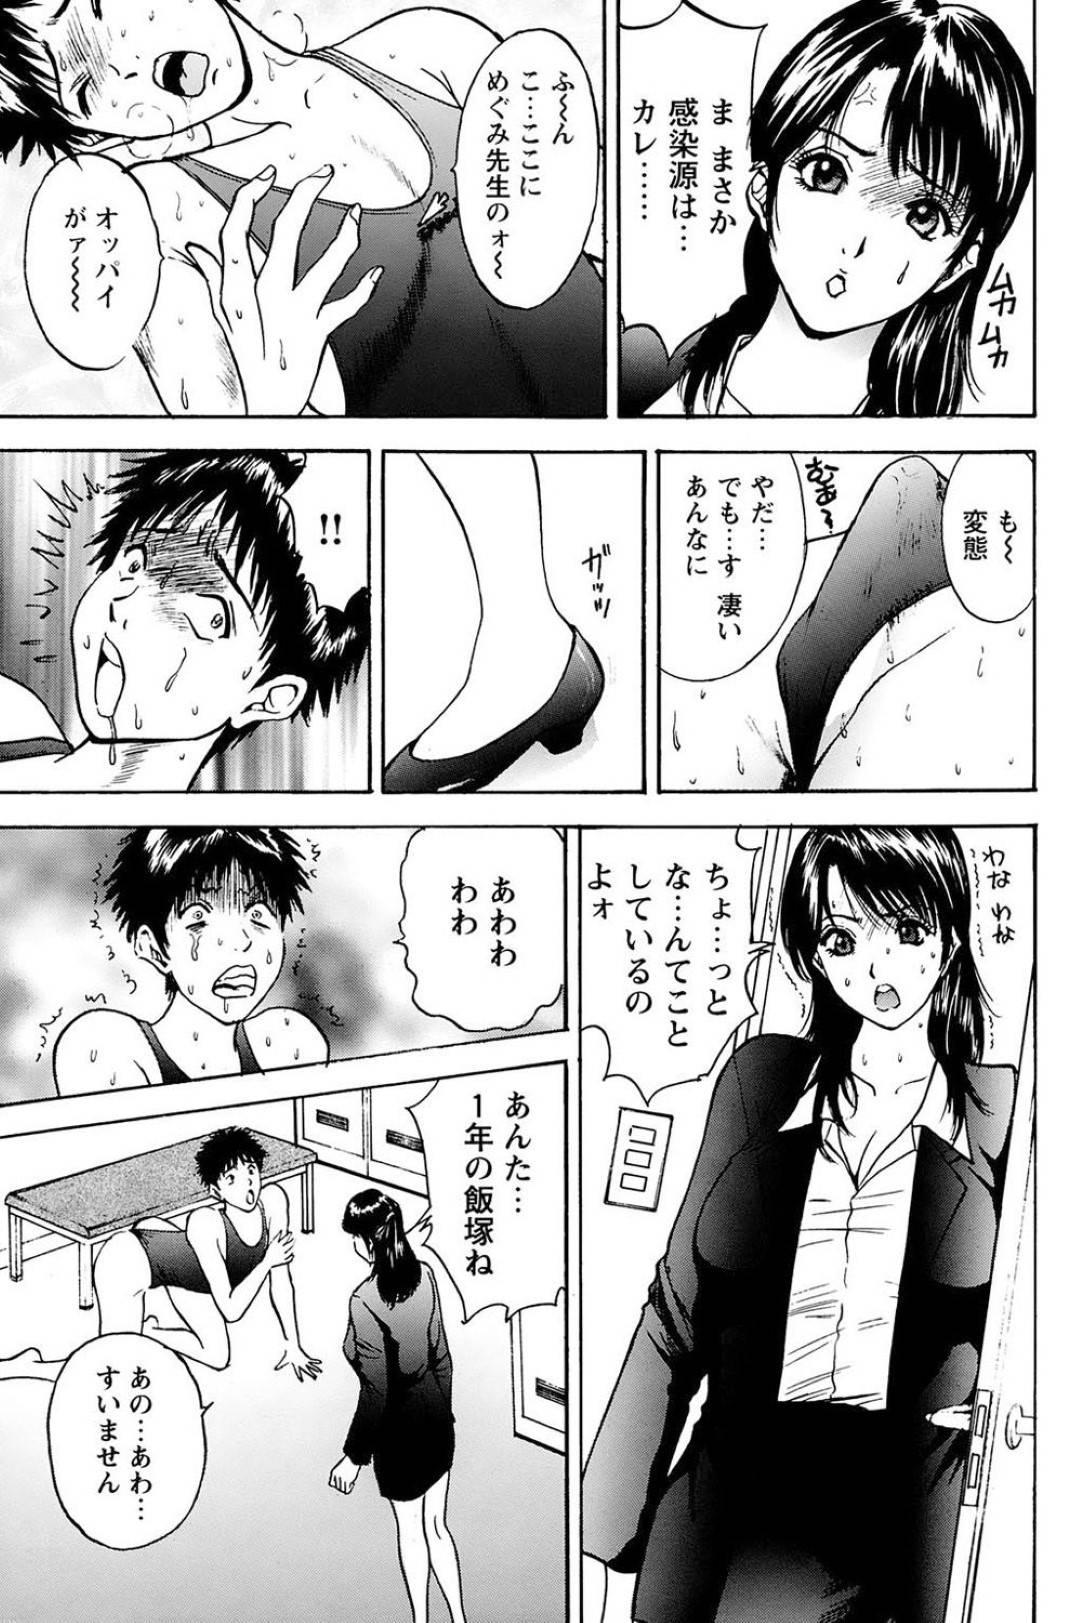 【エロ漫画】自分の水着を着て興奮する男子生徒を発見した女教師は、生ハメ筆おろしセックスでイッてしまう